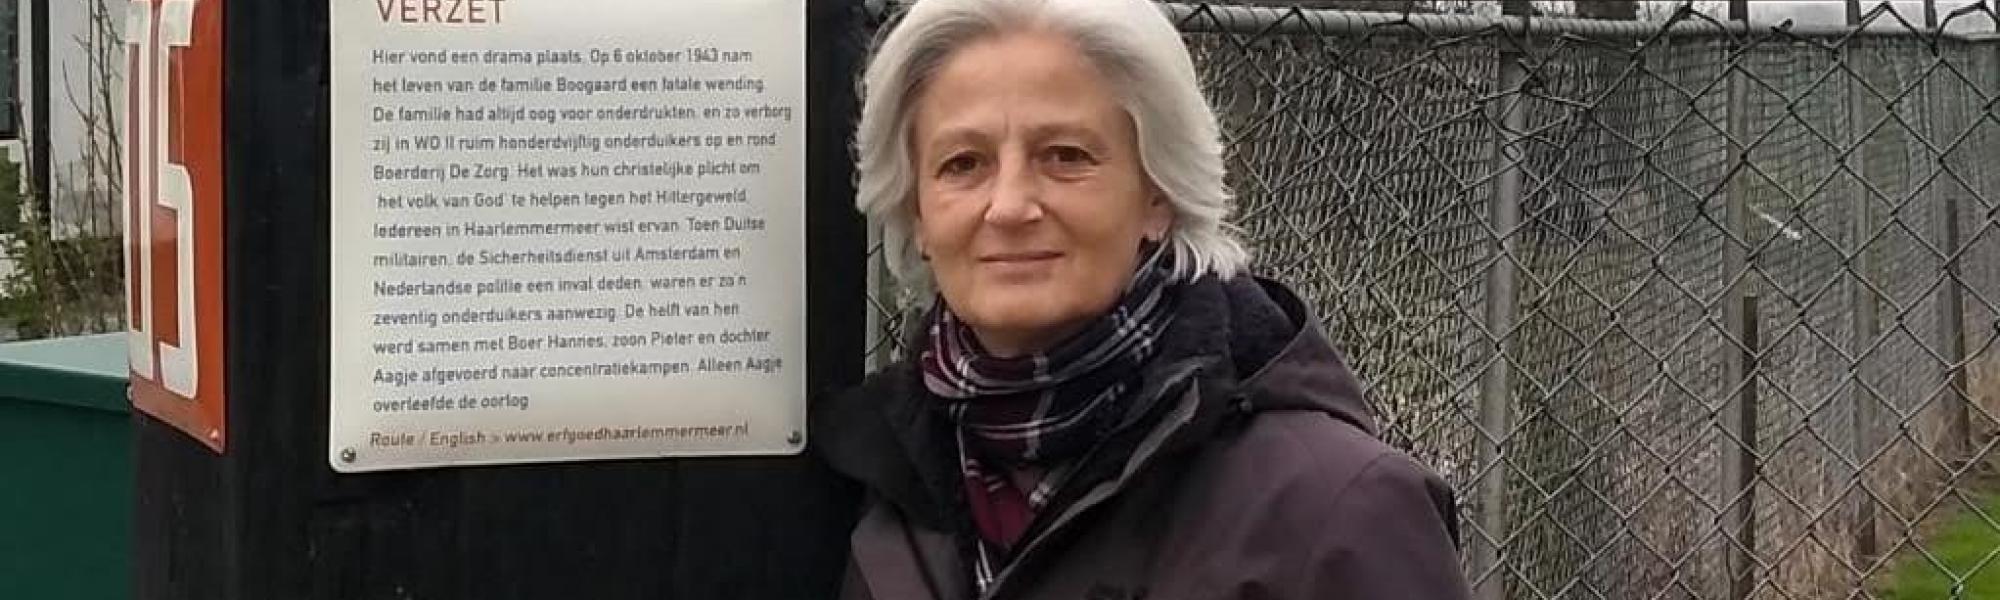 Mirjam Noach voor Verhalenpaal VERZET